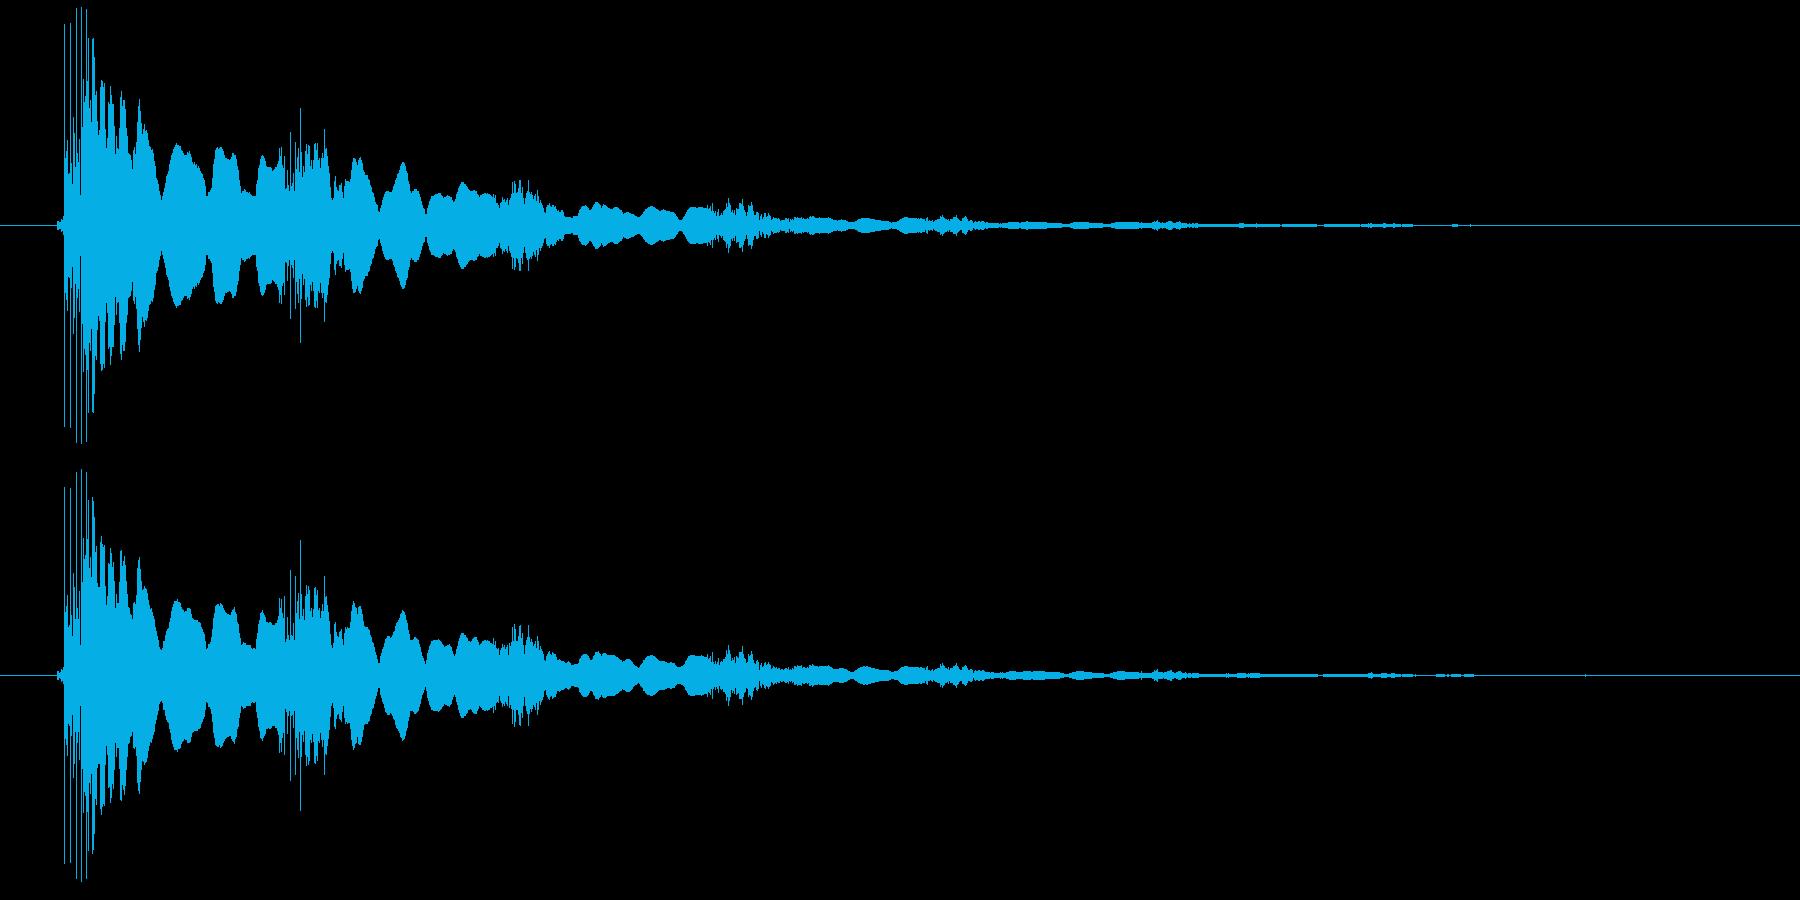 エレキギター(効果音)の再生済みの波形